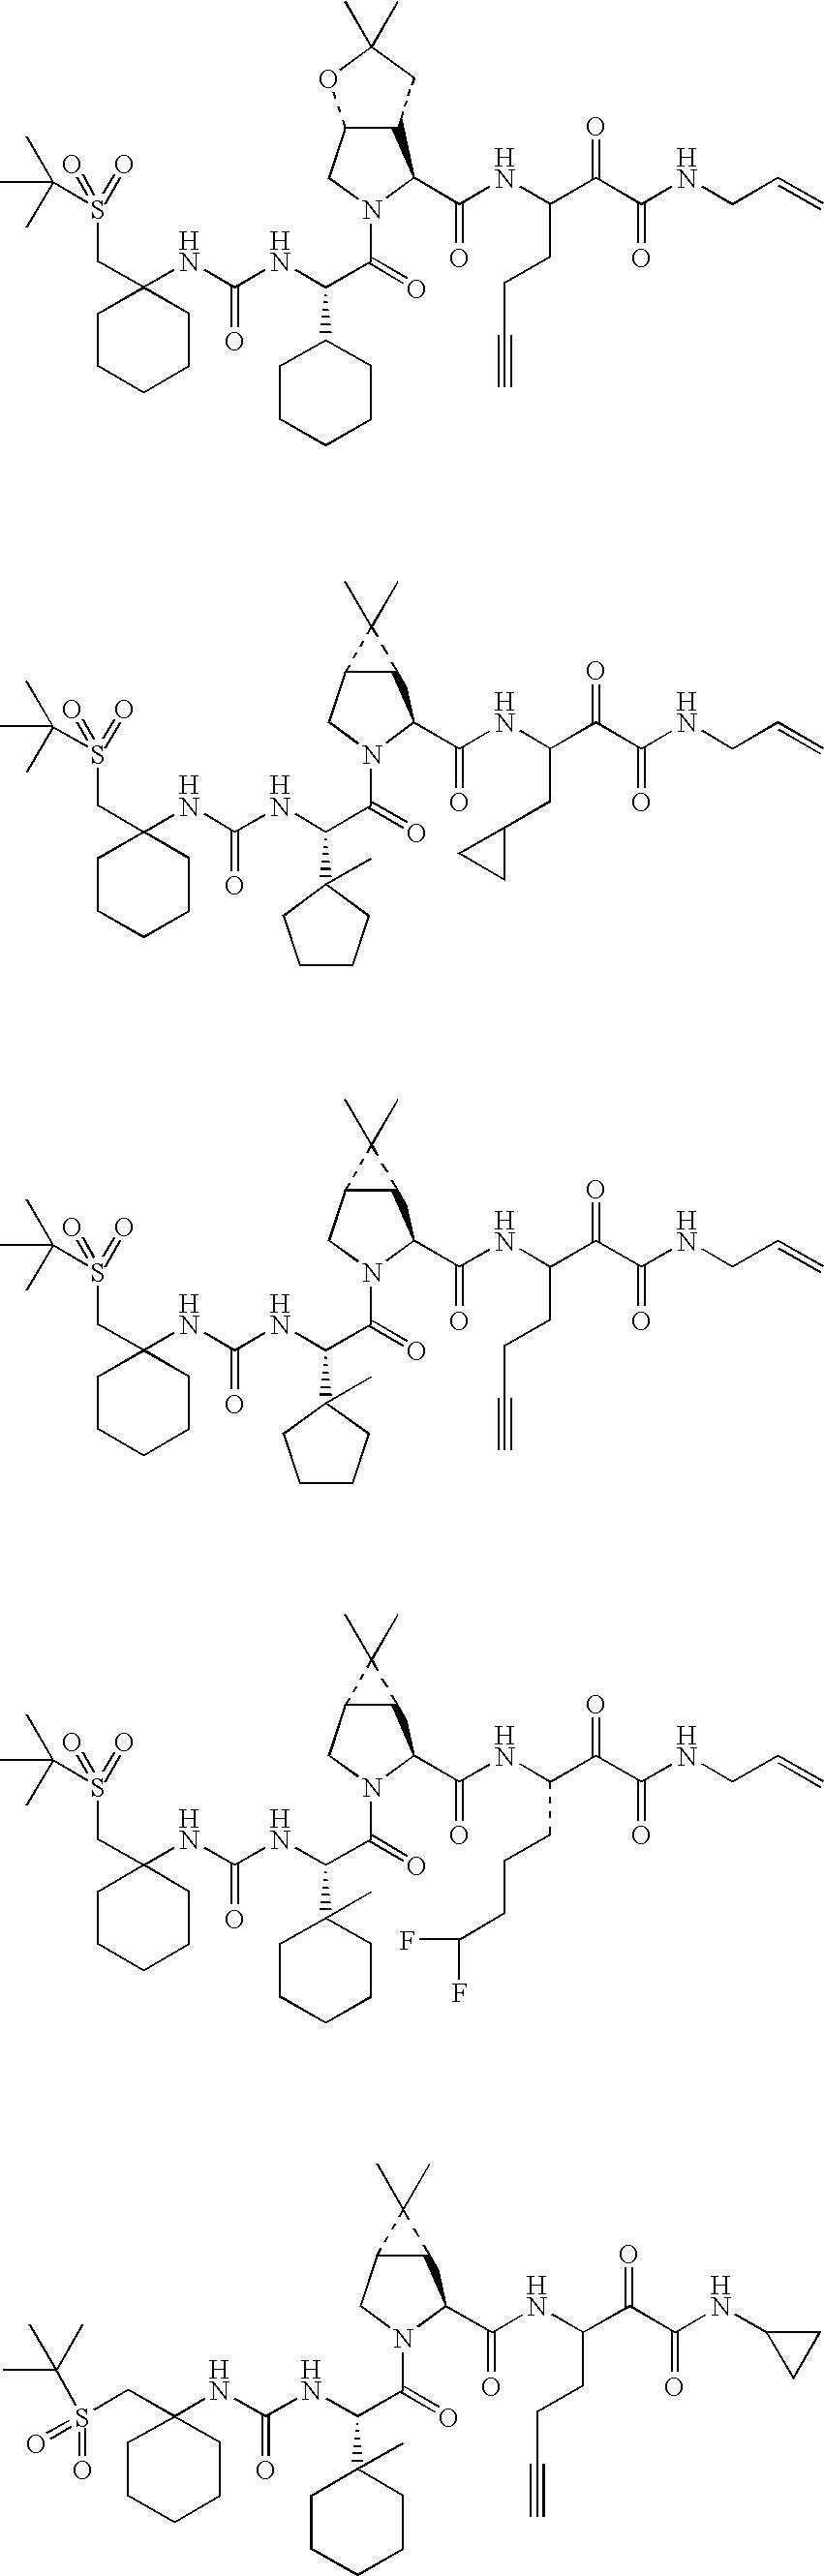 Figure US20060287248A1-20061221-C00476